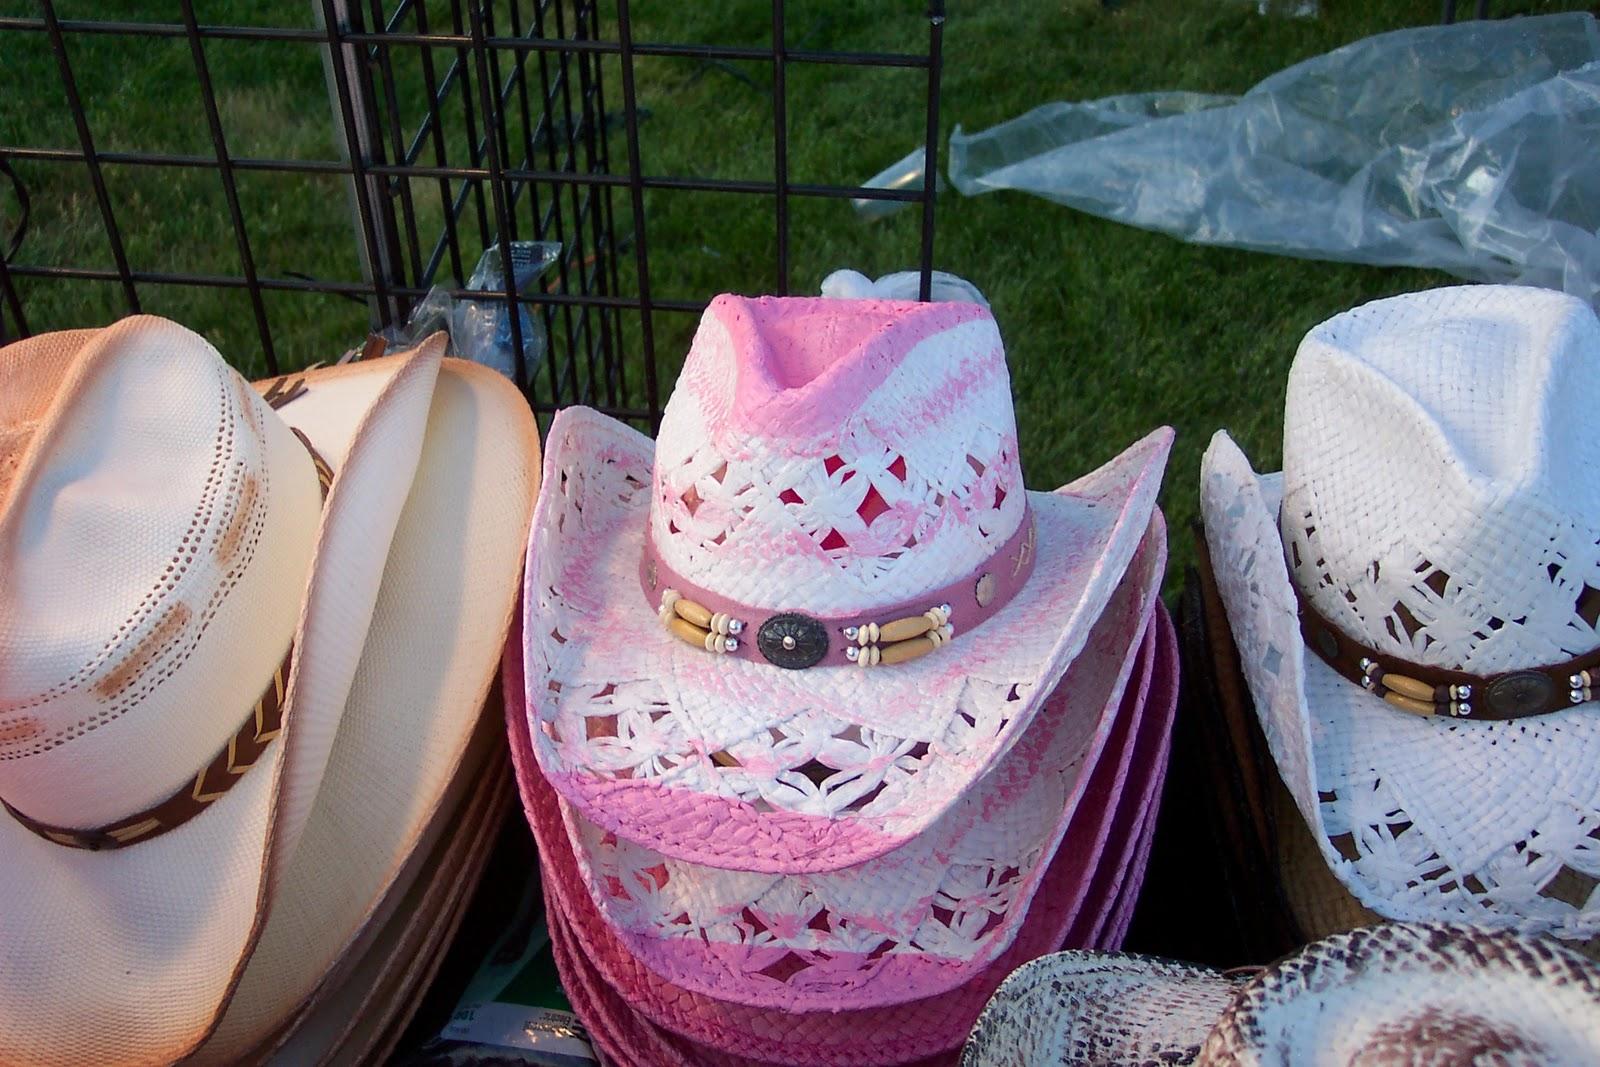 http://4.bp.blogspot.com/_ORfPQ2wD49I/TBe1TWeTd0I/AAAAAAAAAos/RyYywyvhJ2I/s1600/Pink+hat+envy.JPG